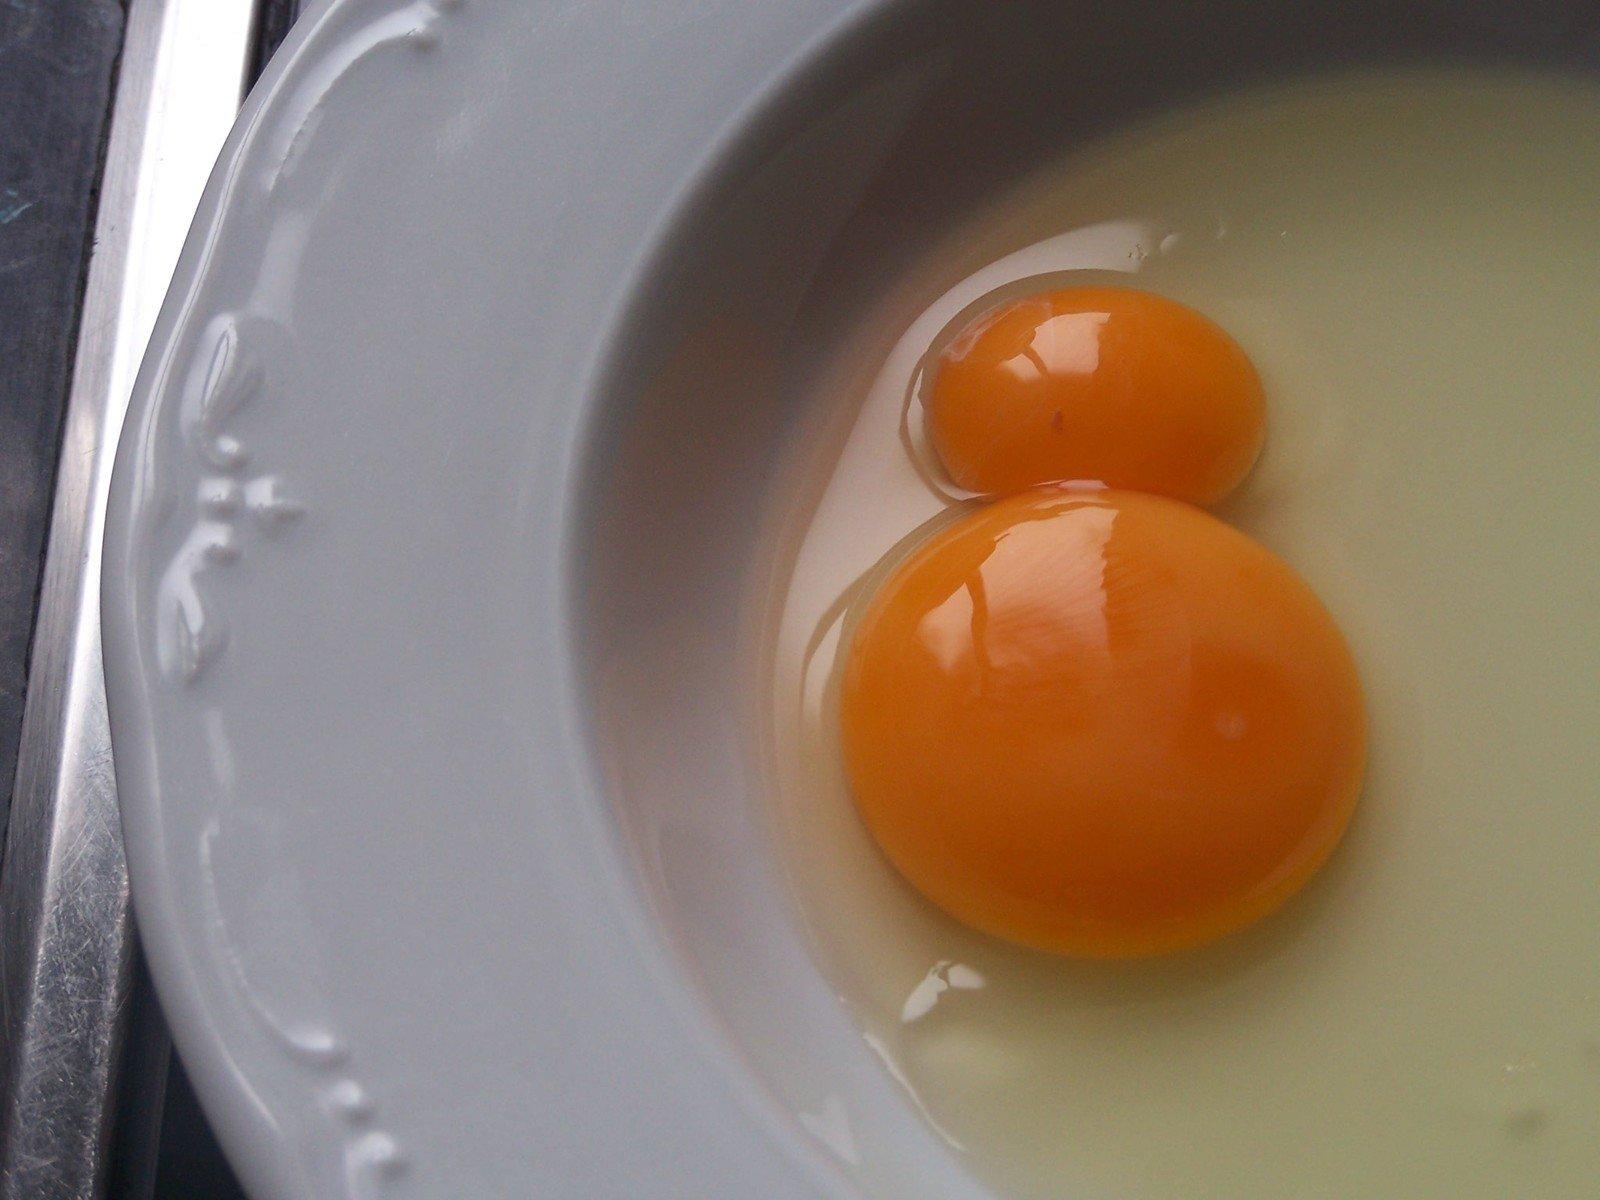 еда желток яйца food the yolk eggs  № 2999755 бесплатно